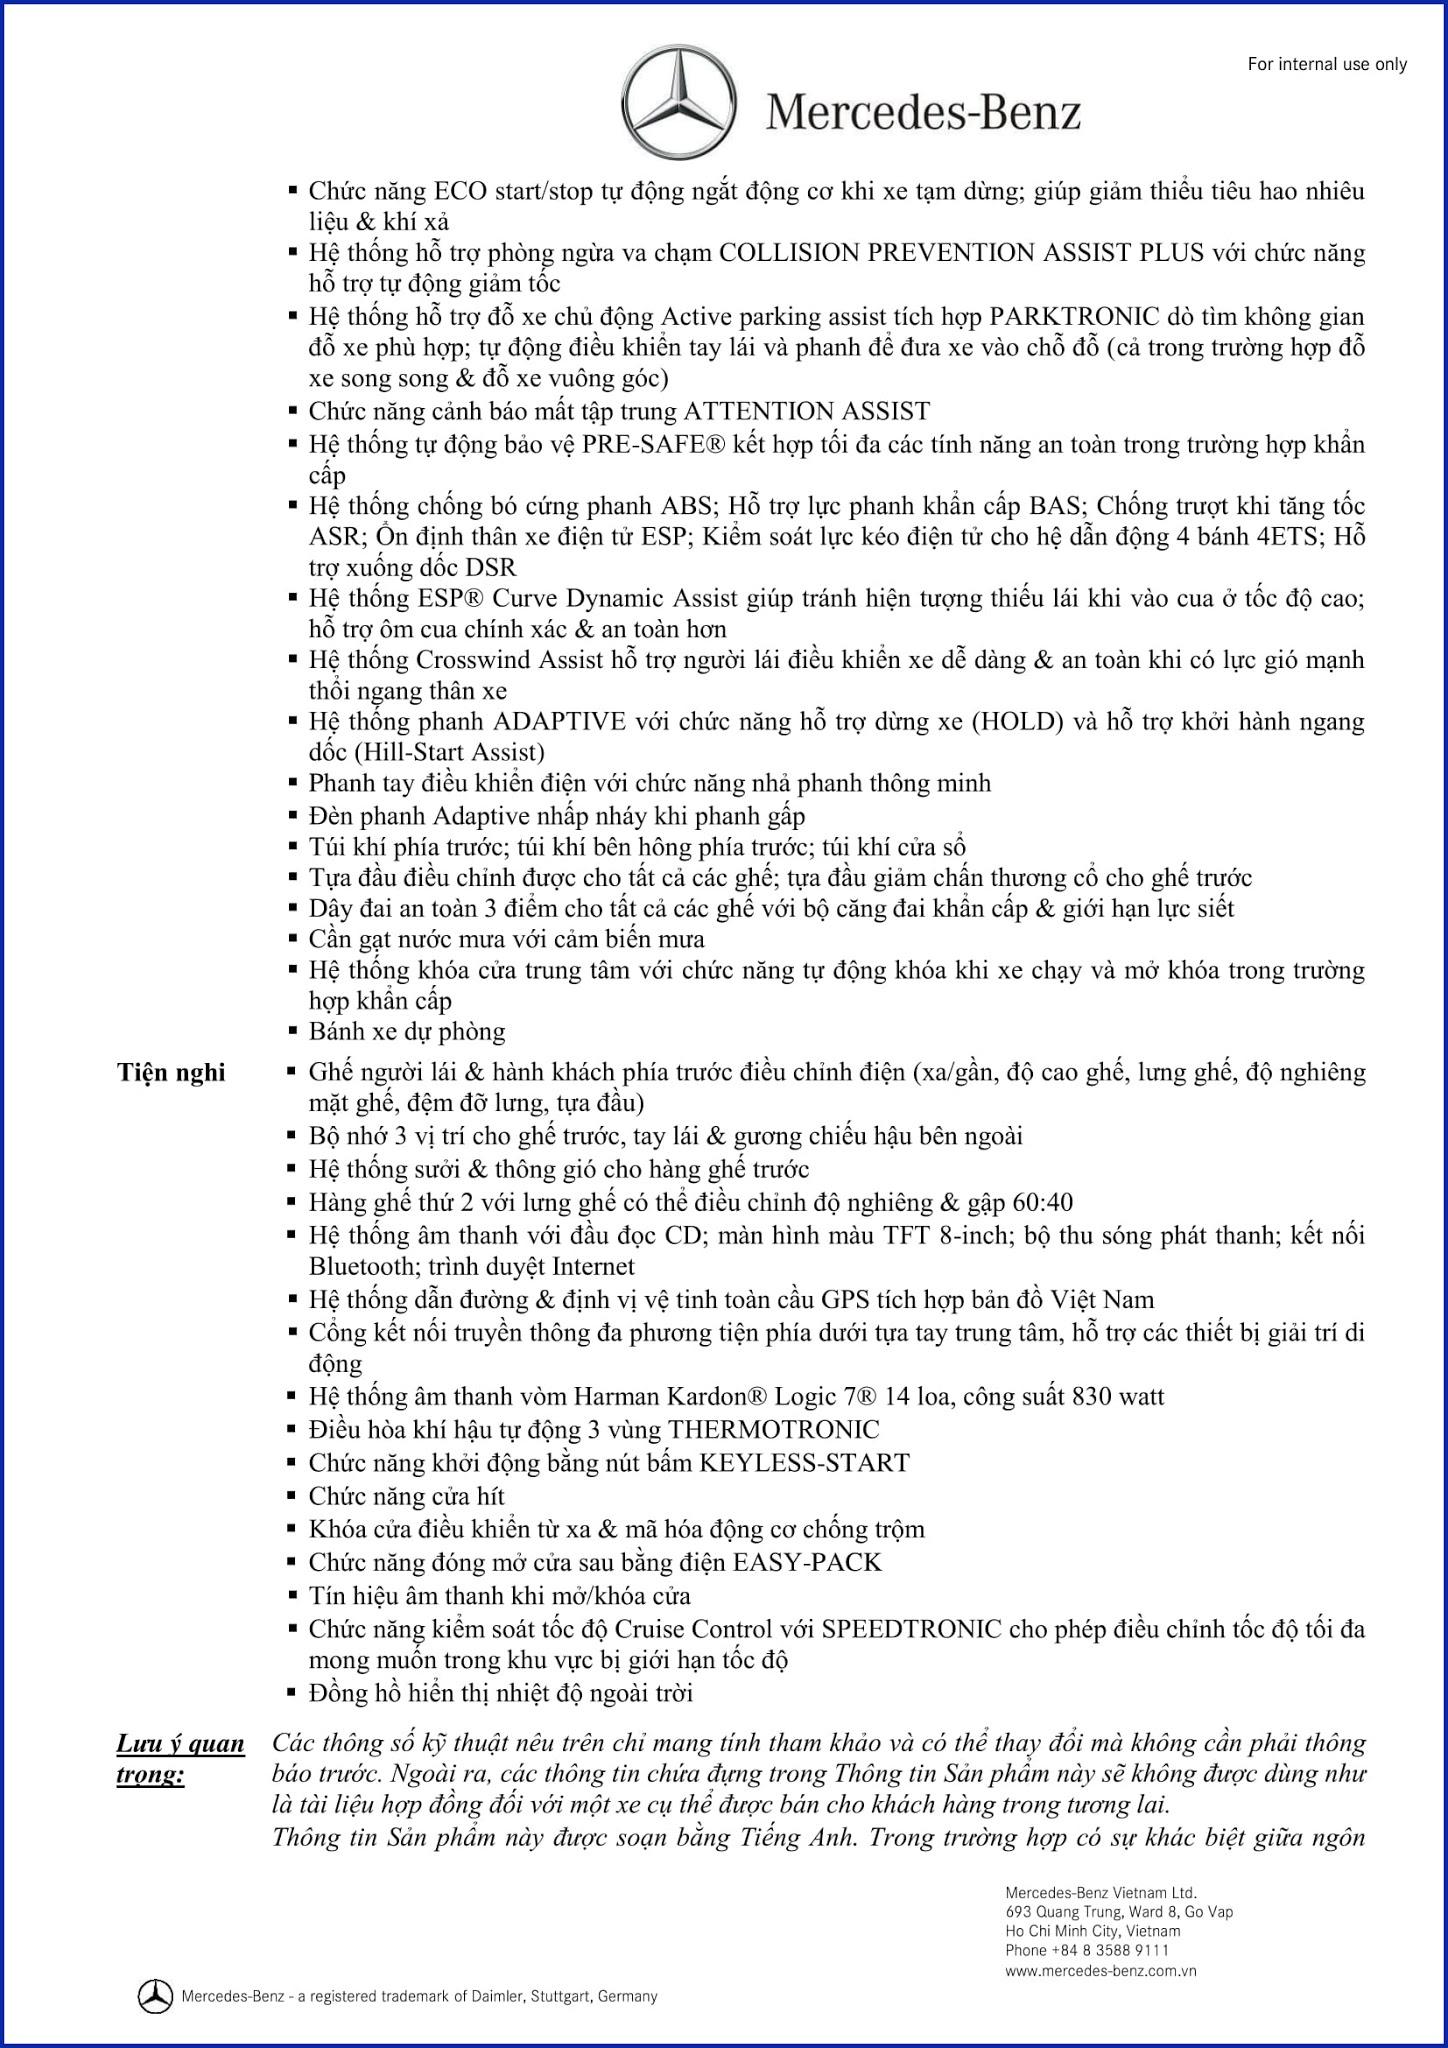 Bảng thông số kỹ thuật Mercedes AMG GLE 43 4MATIC Coupe 2019 tại Mercedes Trường Chinh